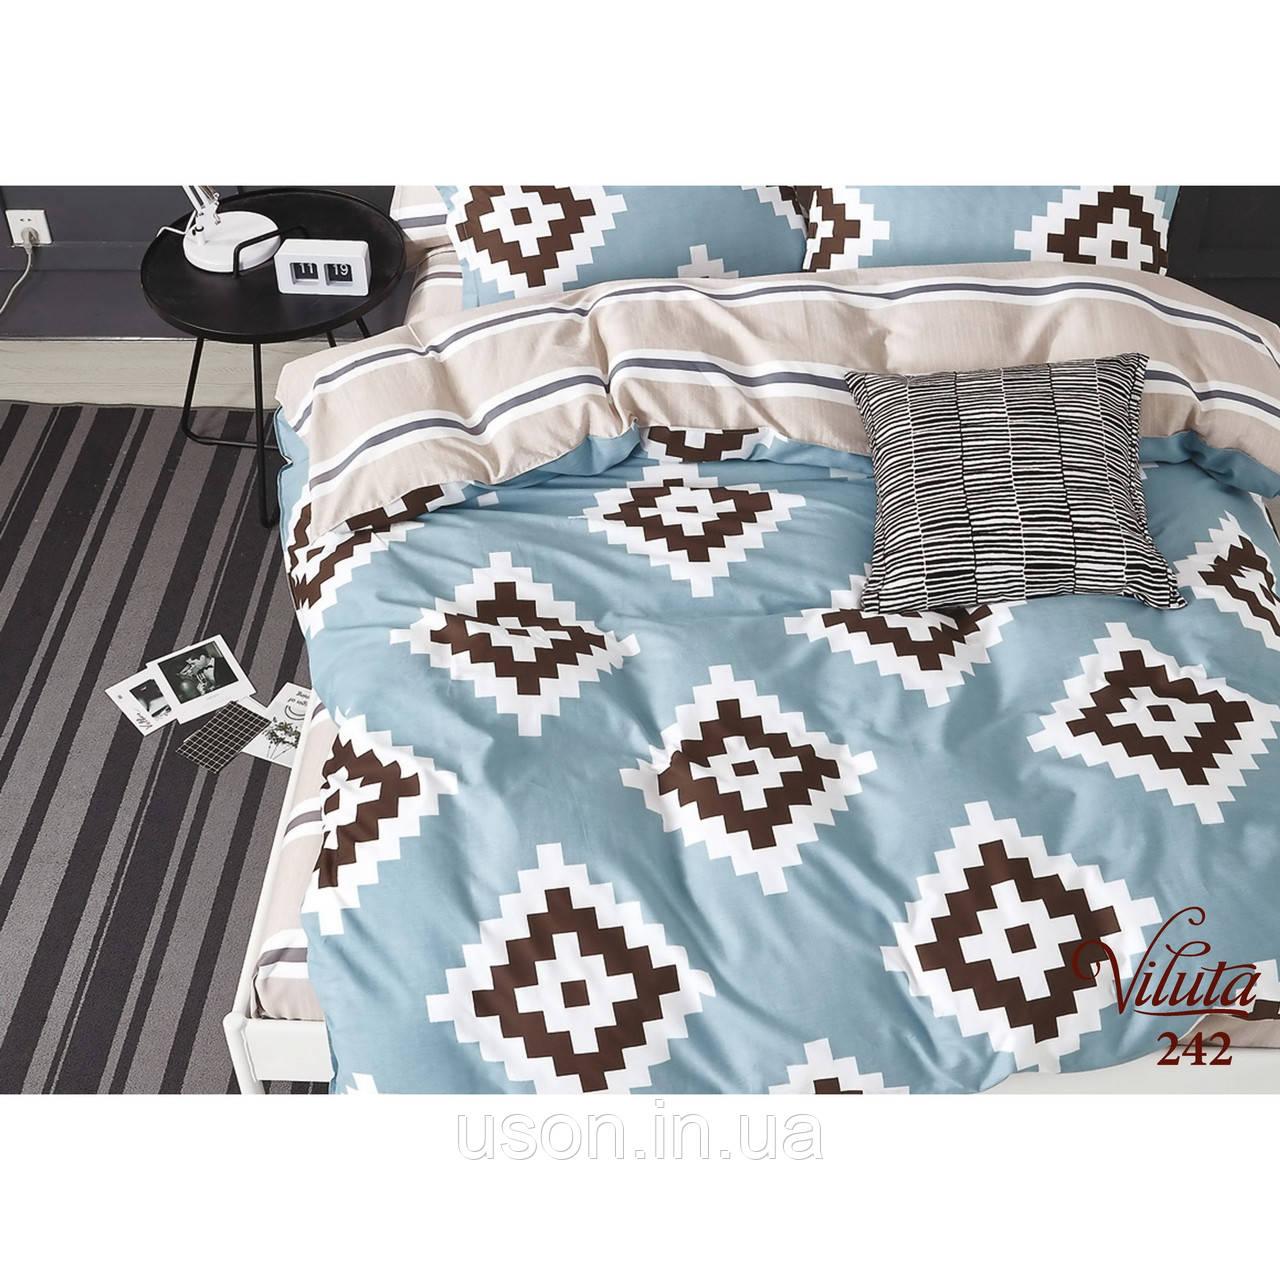 Комплект постельного белья сатин твилл Вилюта 242